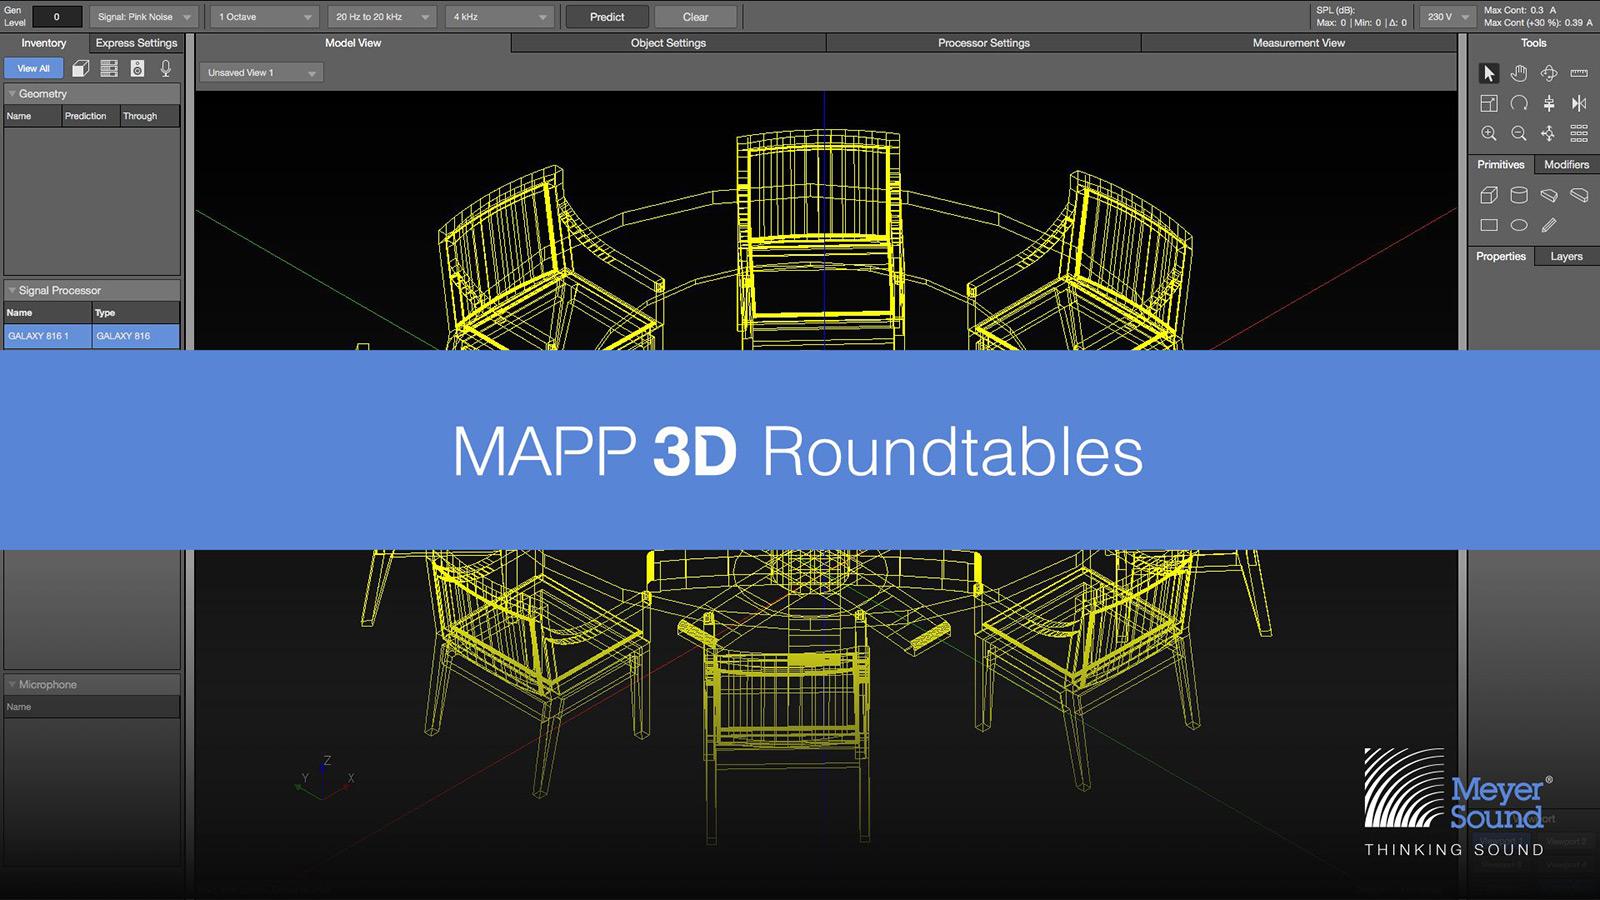 Meyer Sound объявляет о запуске серии открытых круглых столов по MAPP 3D